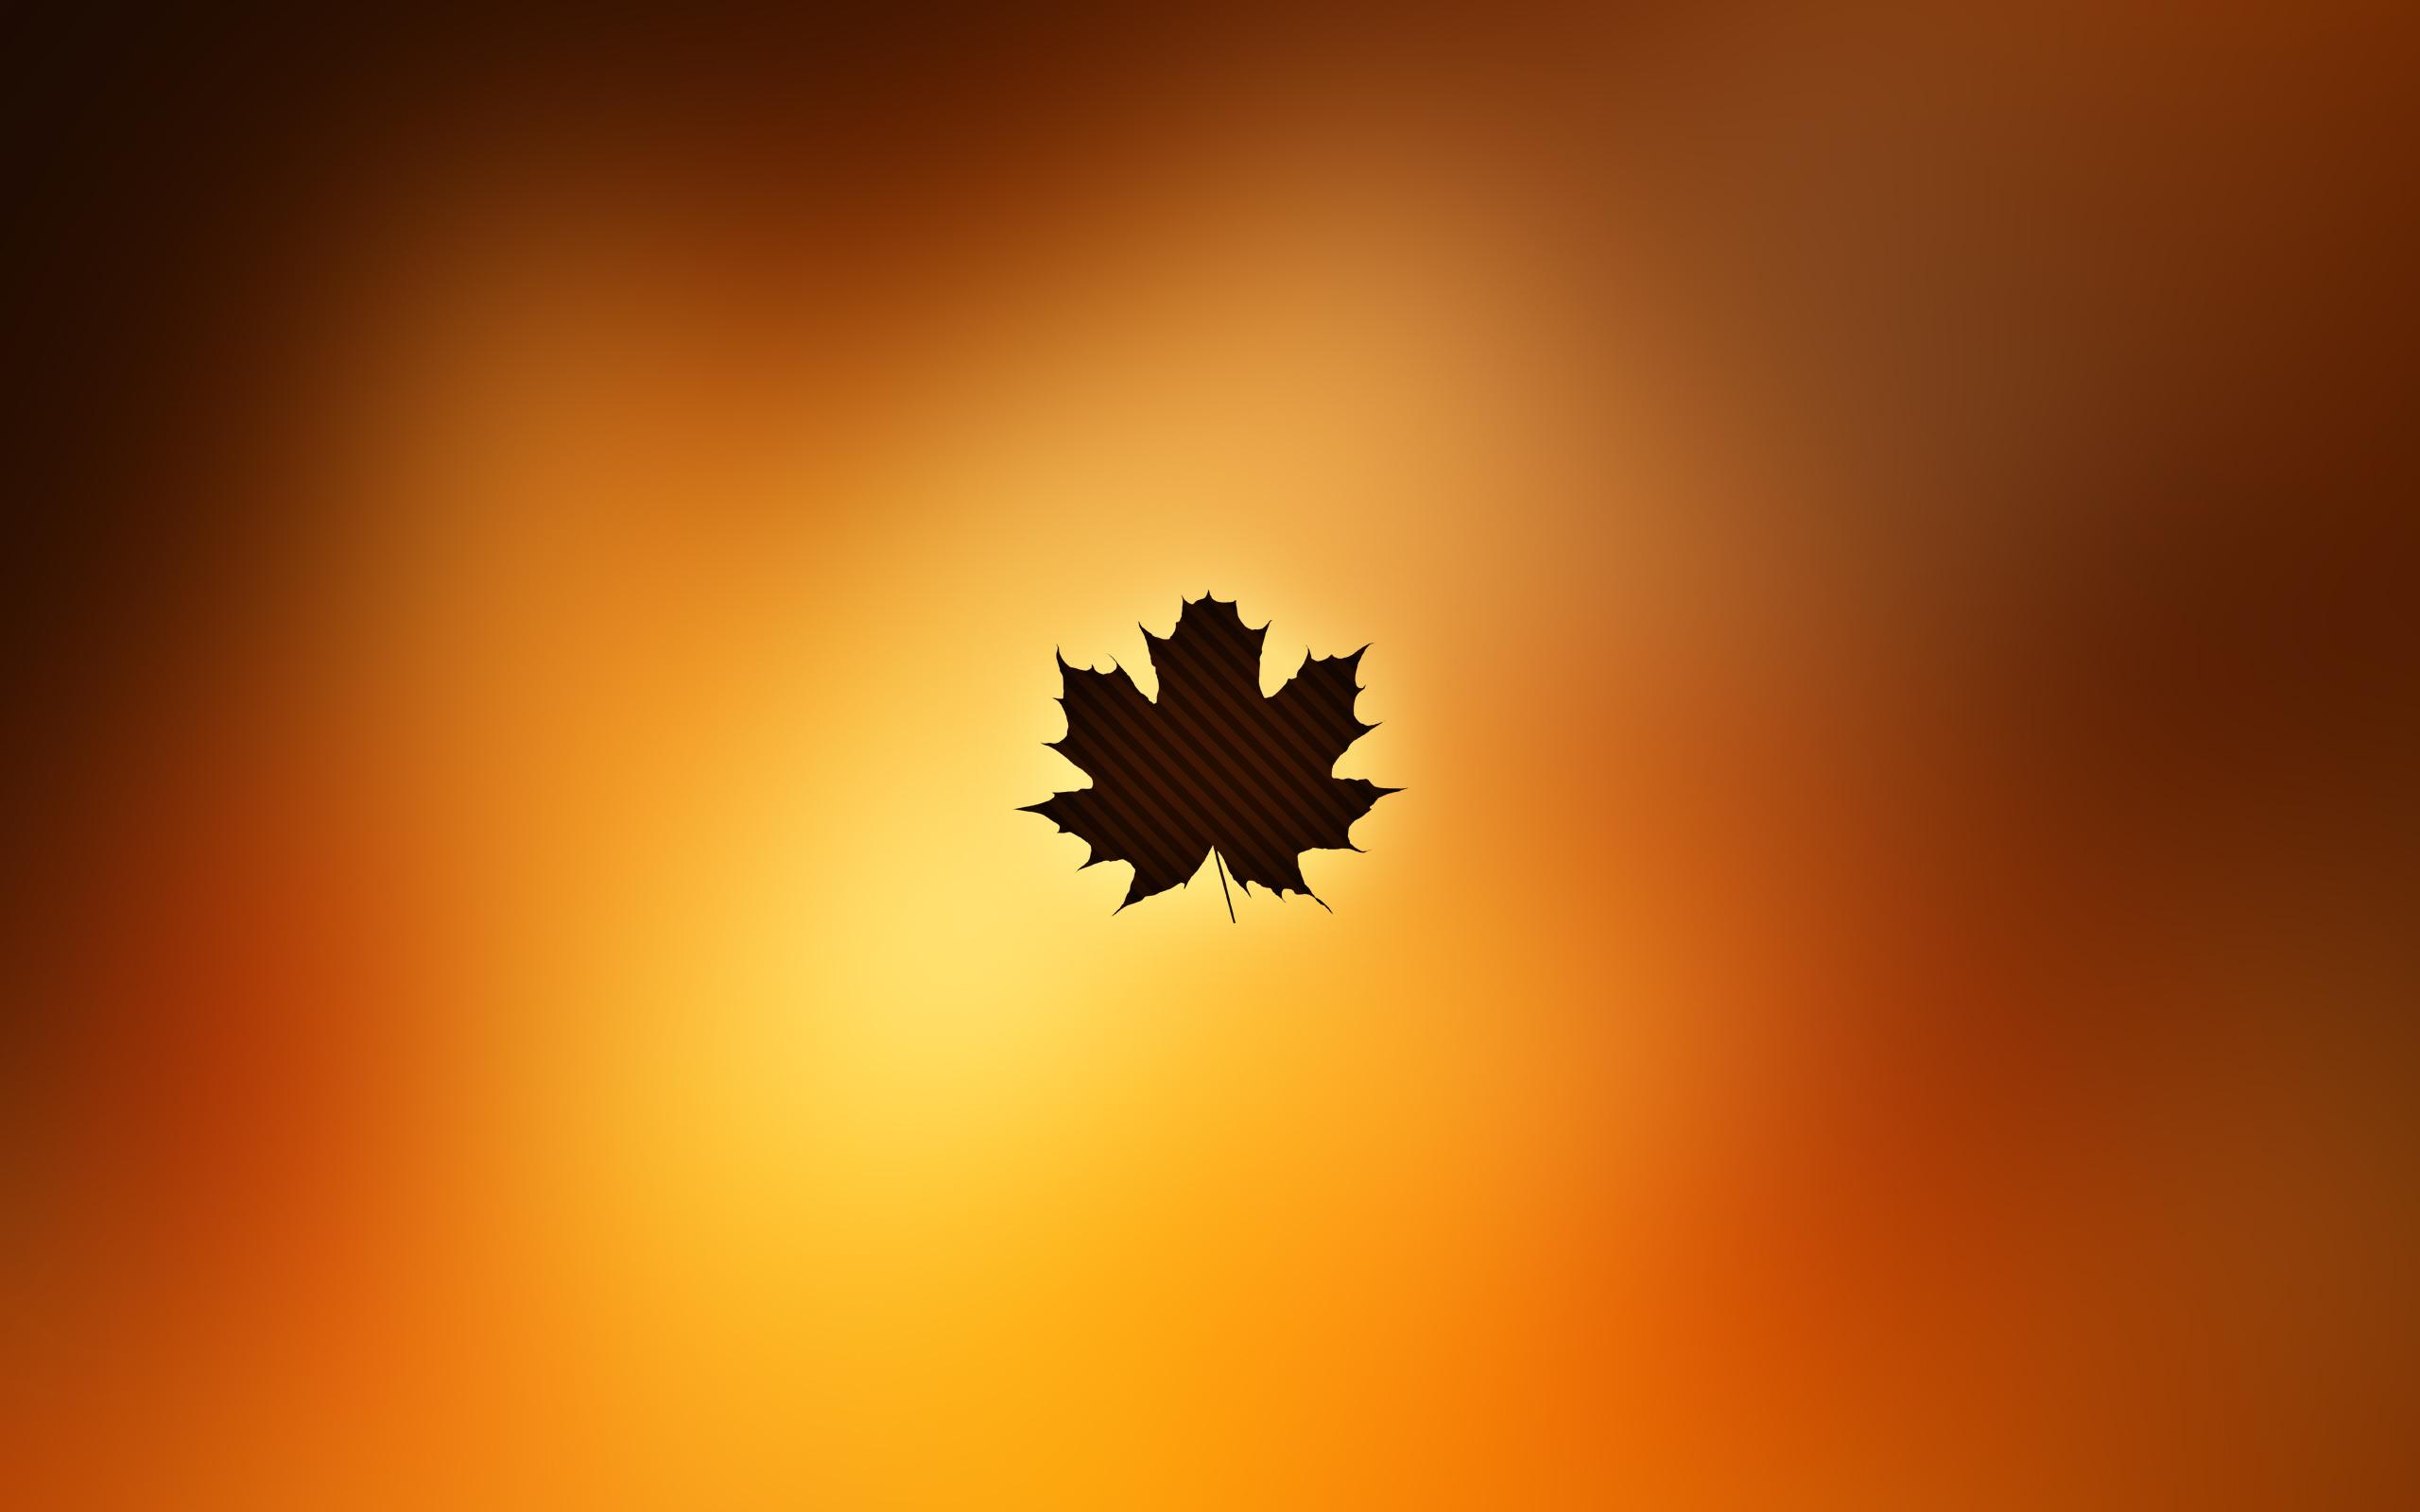 autumn wallpaper, кленовый лист, обои для рабочего стола, осень